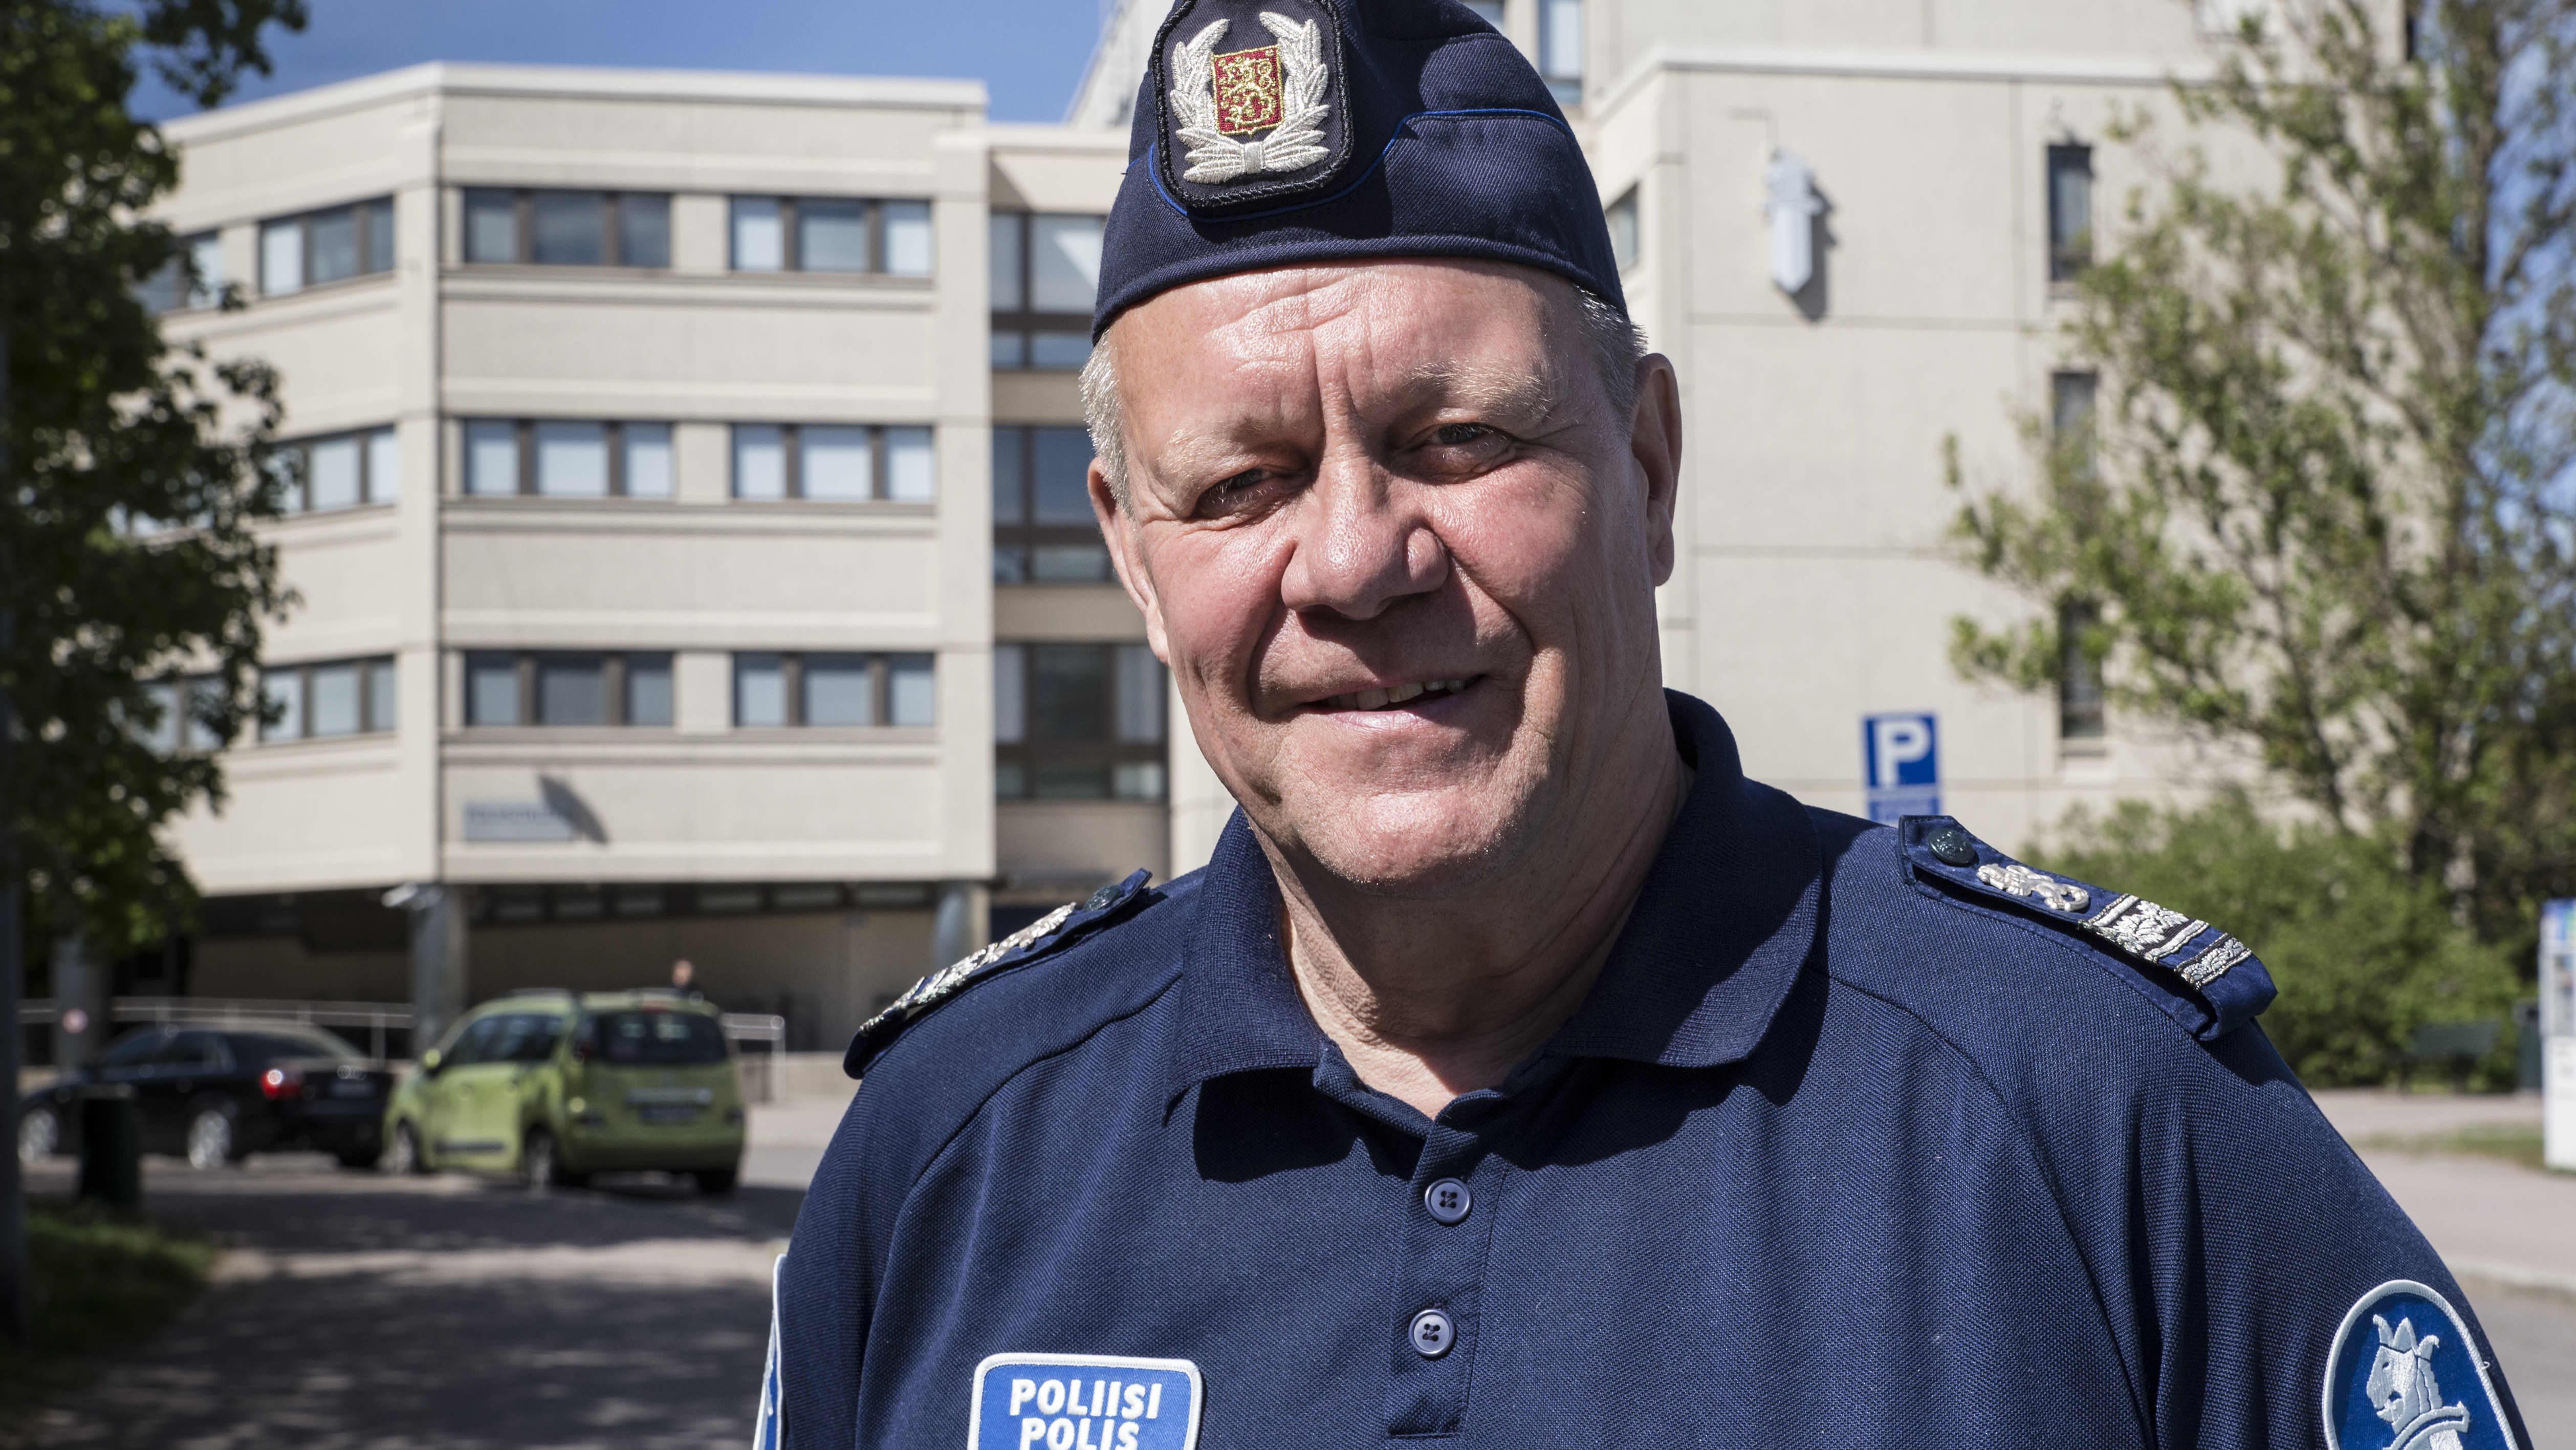 ylikomisario Heikki Porola, Helsingin poliisi, henkilökuva